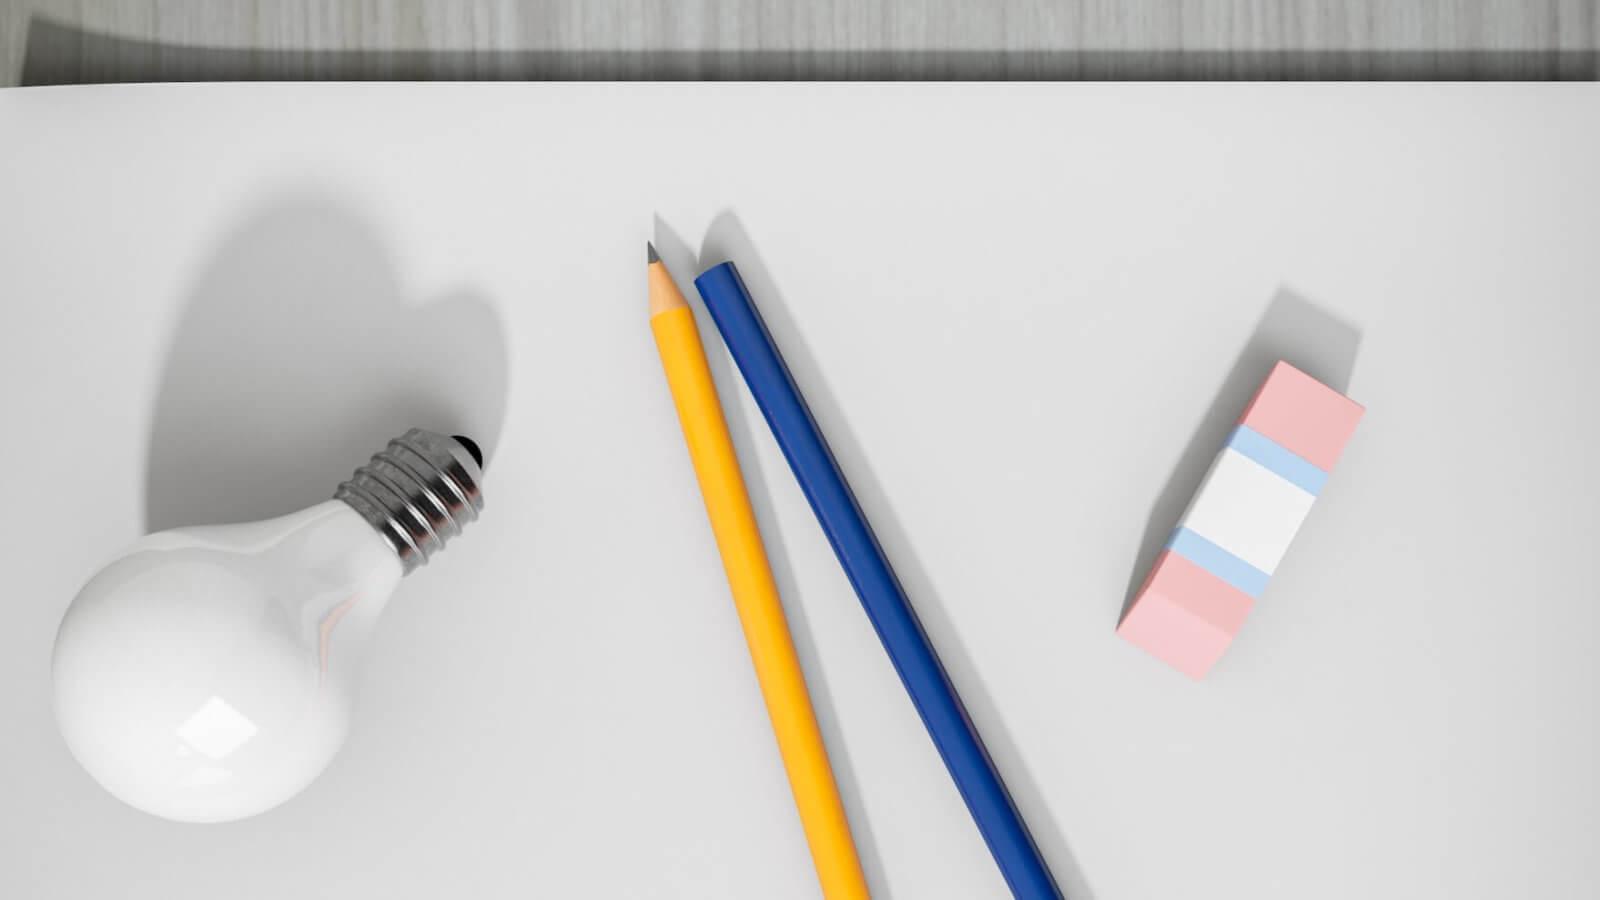 Kreativer Sportunterricht: Eigene Roundnet Variante für die Schule entwickeln